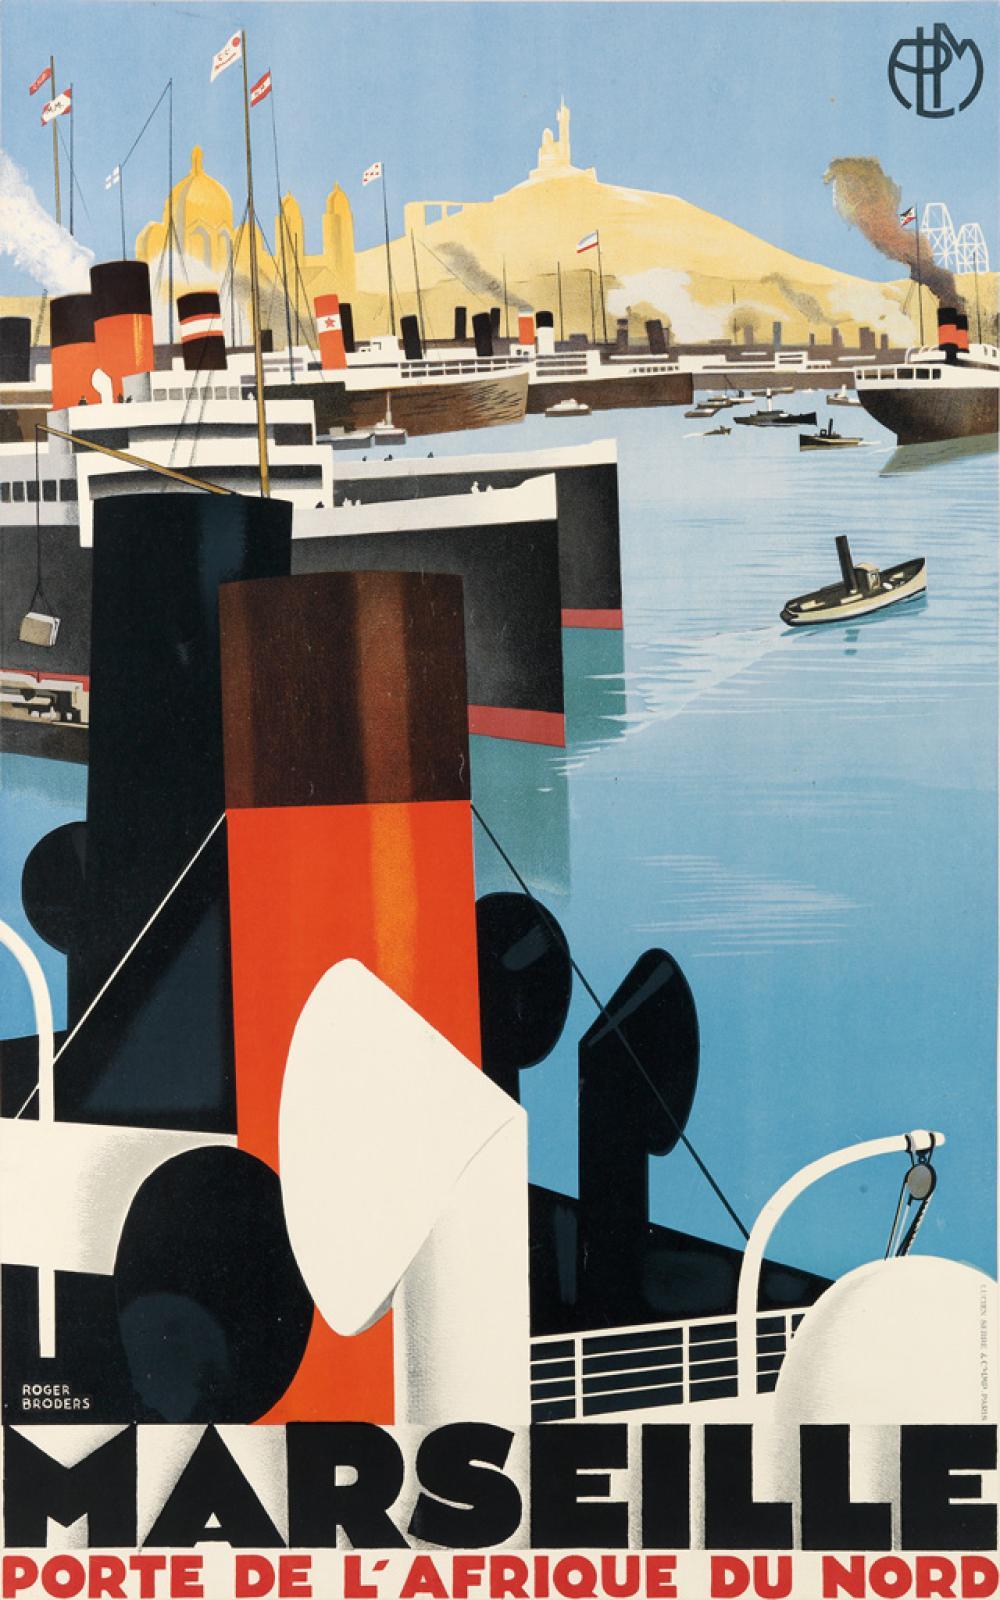 ROGER BRODERS (1883-1953). MARSEILLE / PORTE DE L'AFRIQUE DU NORD. 1929. 39x24 inches, 99x62 cm. Lucien Serre & Cie., Paris.